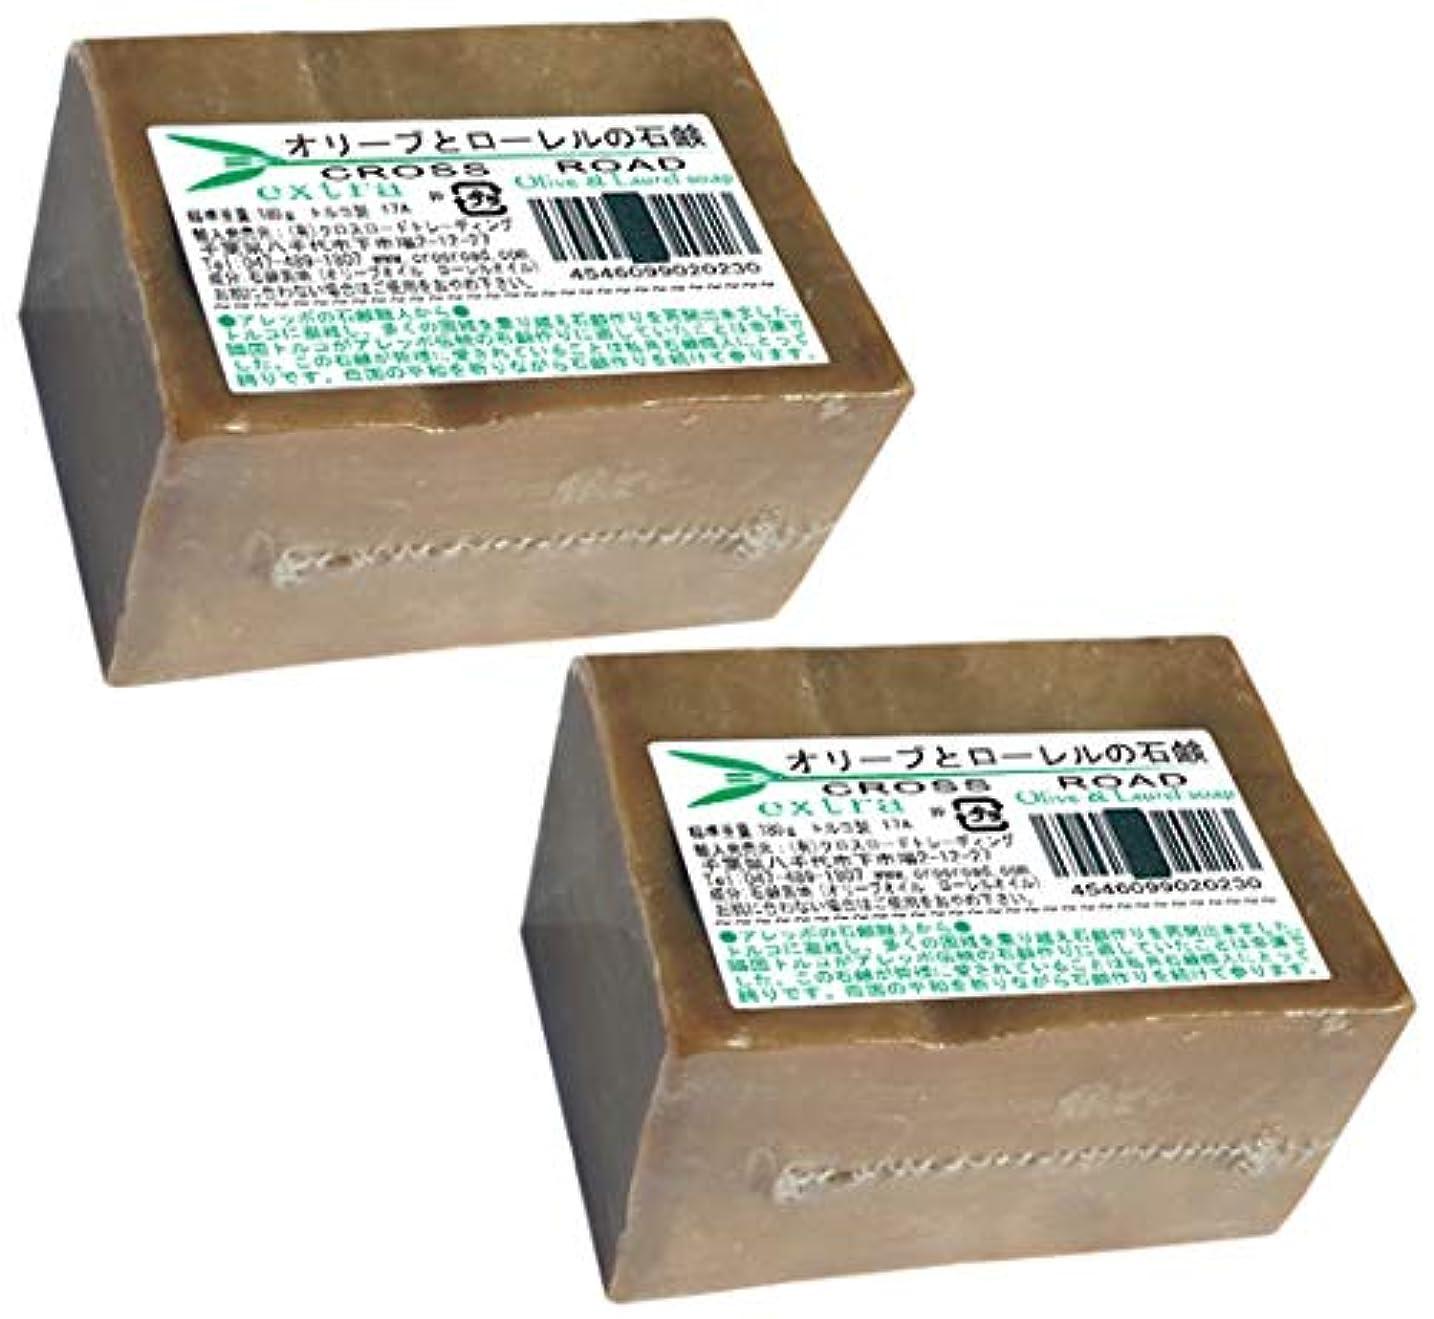 アウター意欲適応的オリーブとローレルの石鹸(エキストラ)2個セット[並行輸入品]